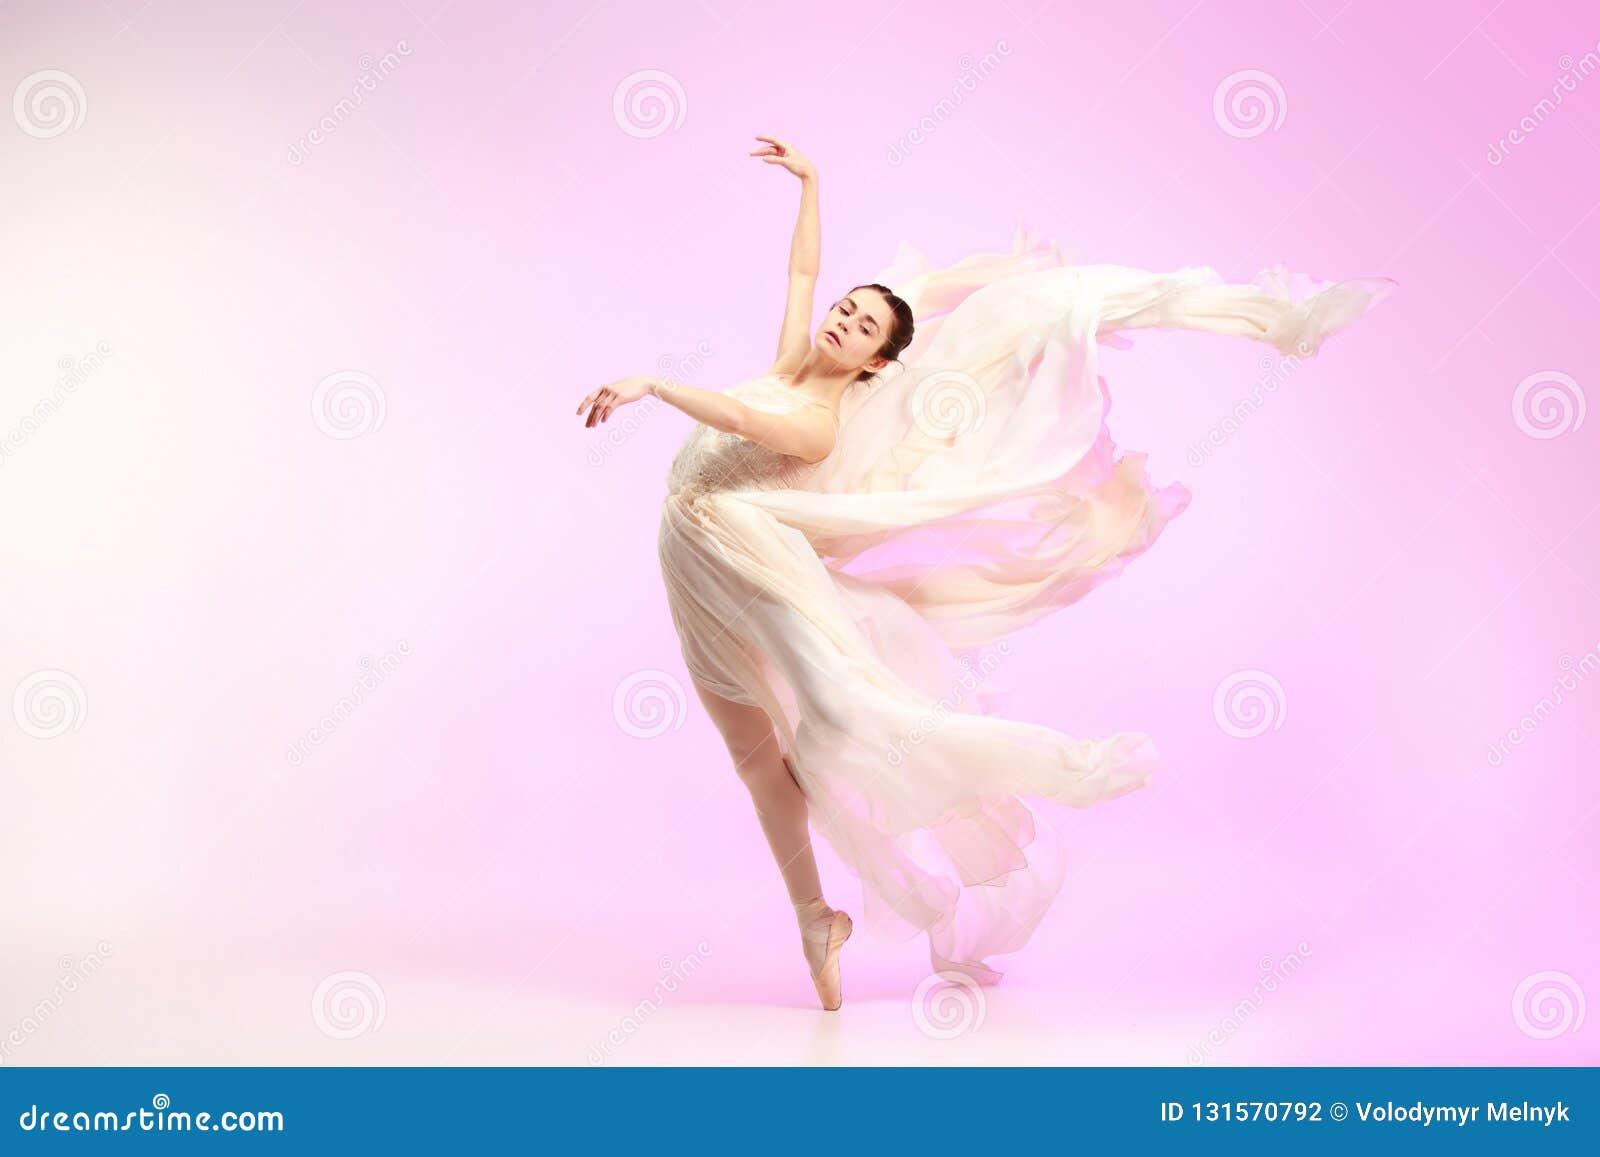 77e7bc61b Bailarina Baile Femenino Agraciado Joven Del Bailarín De Ballet ...